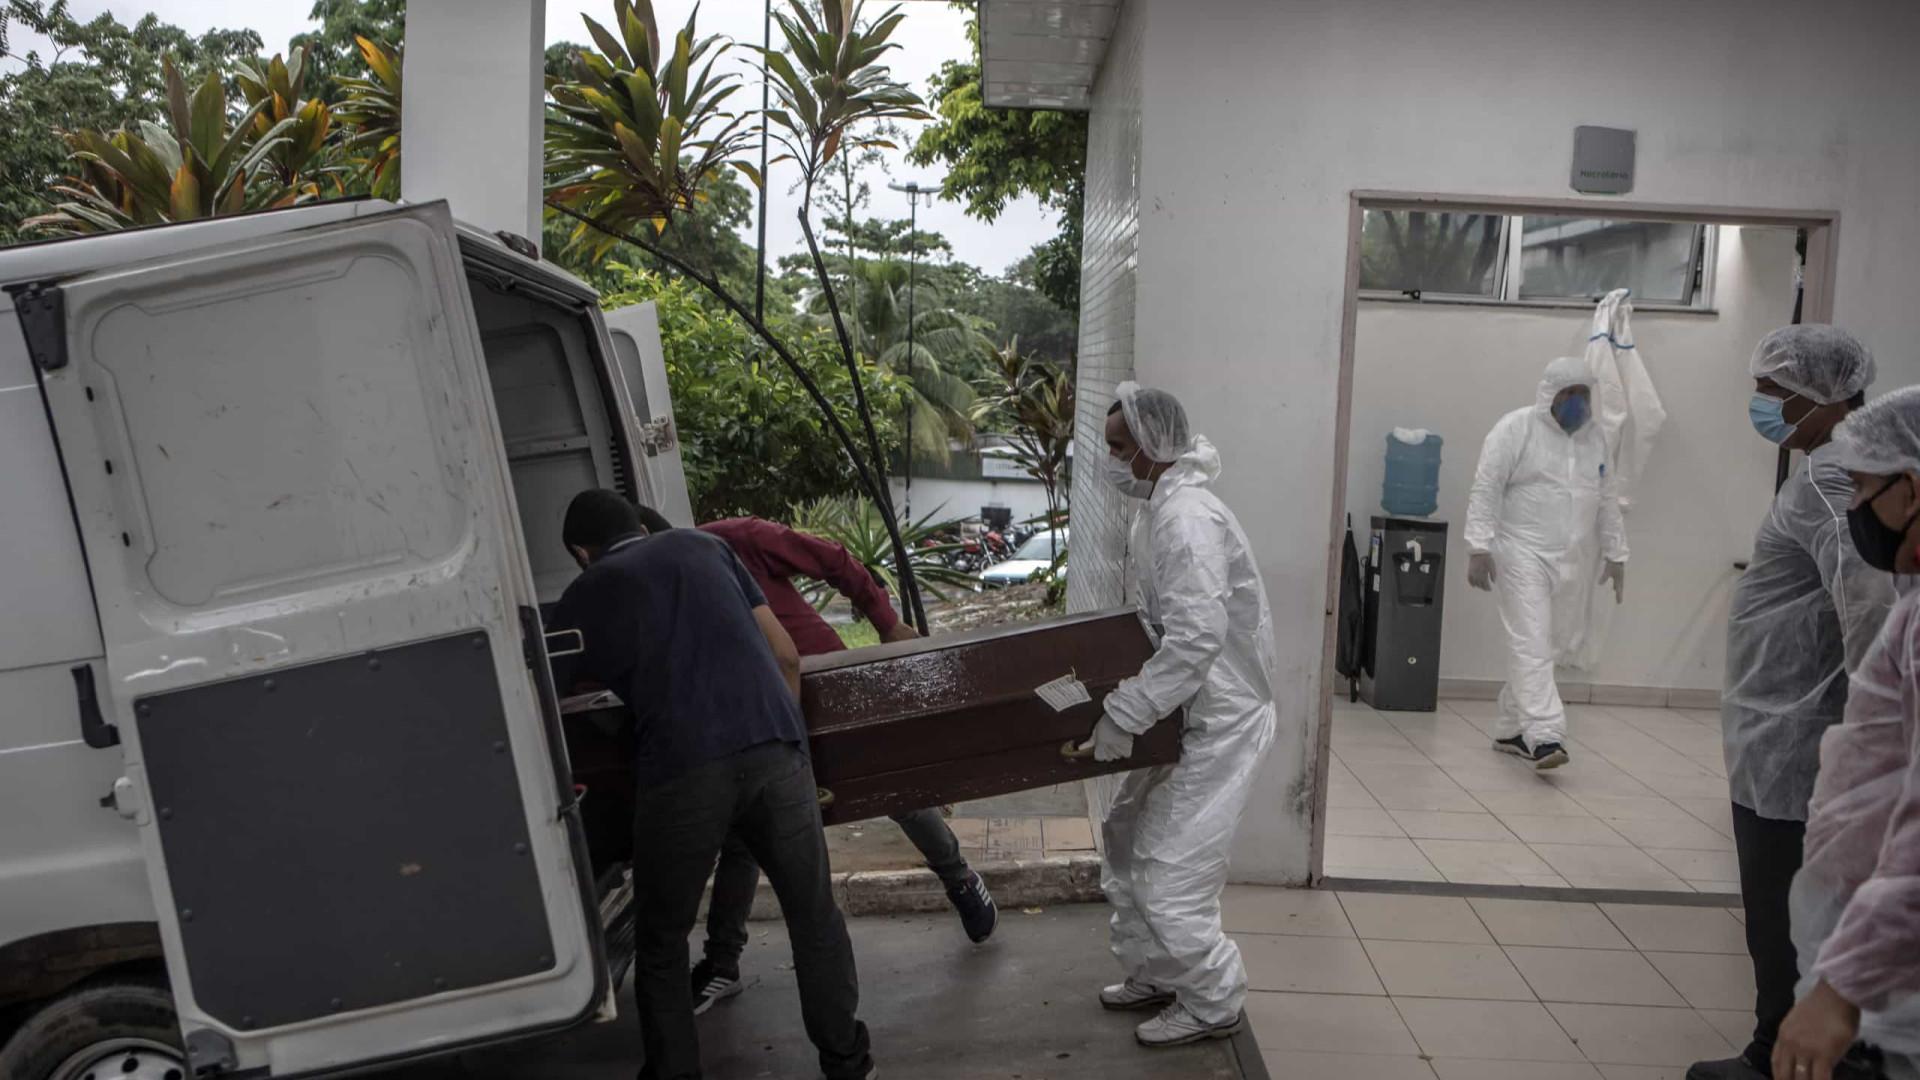 Homem morre após receber nebulização com hidroxicloroquina para tratar covid-19